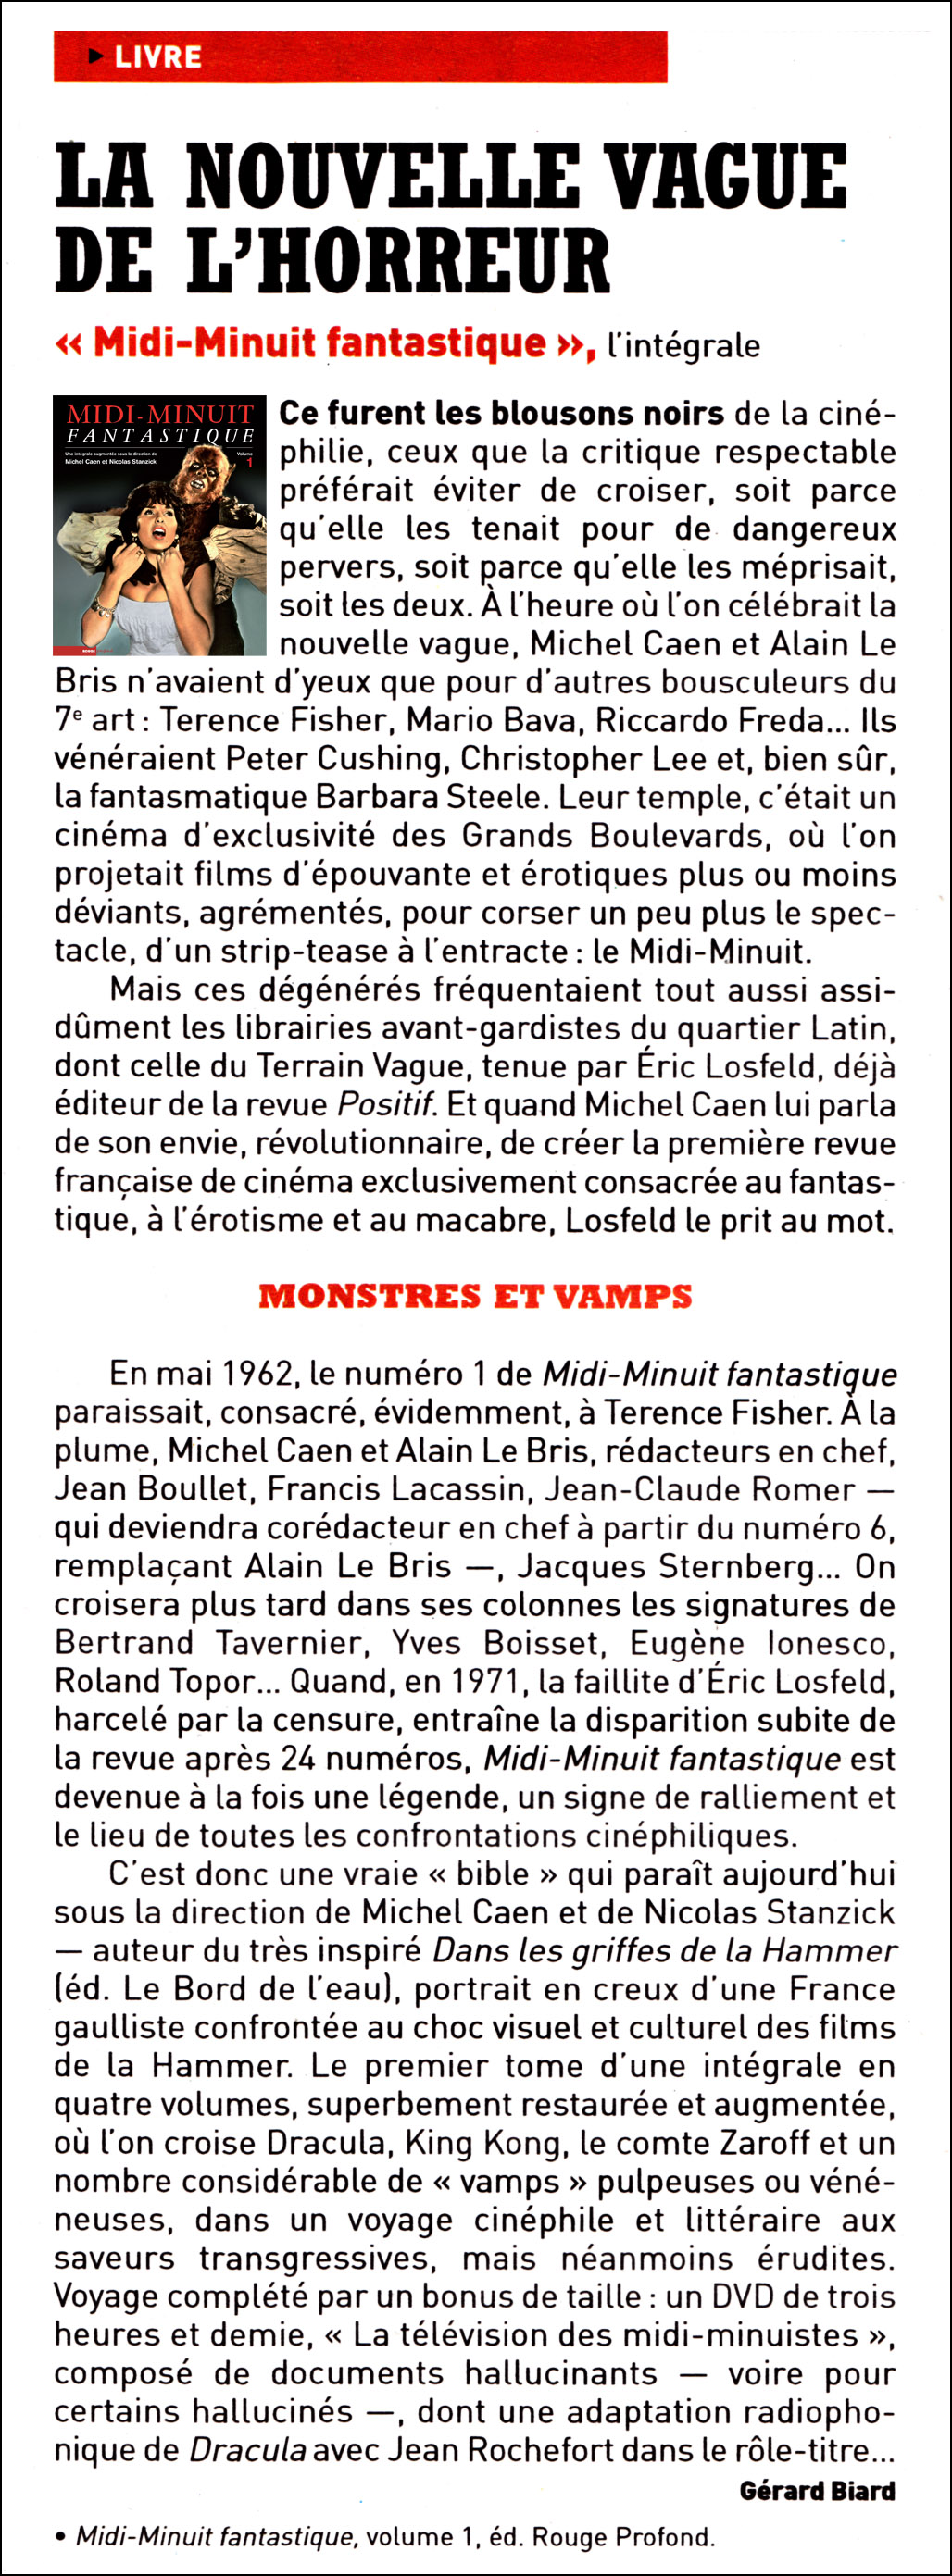 Midi-Minuit Fantastique Intégrale Vol.1, dans Charlie Hebdo, 19 février